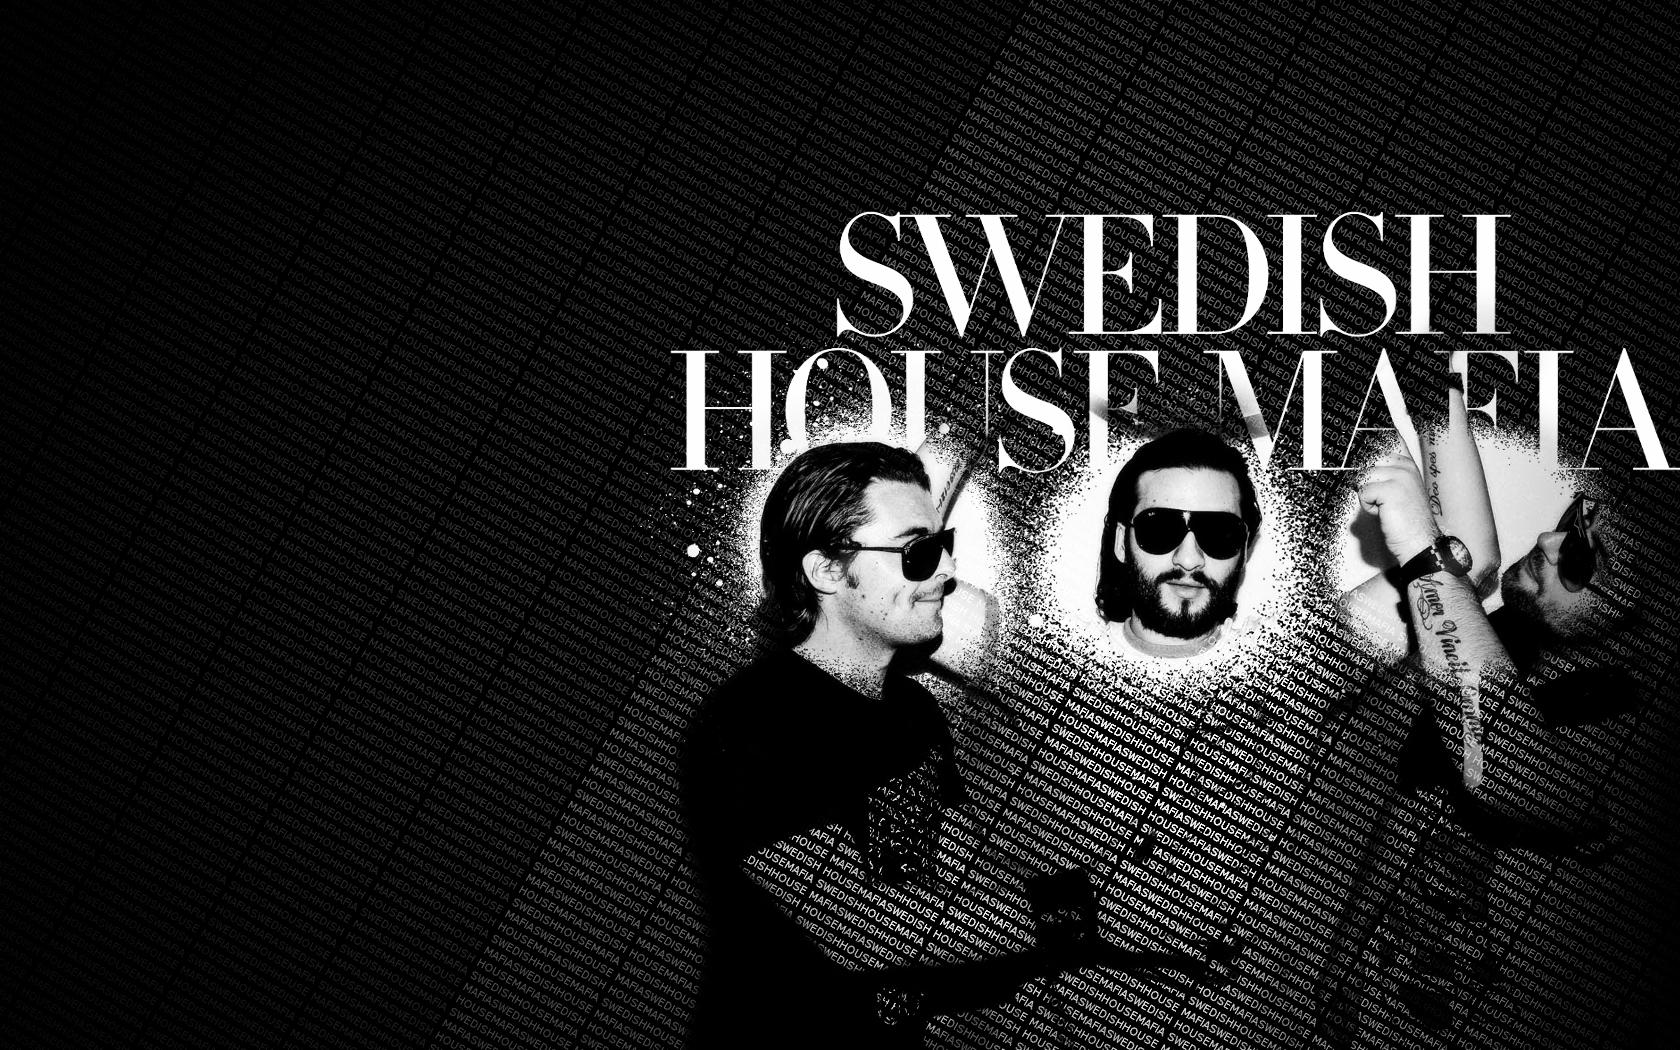 Photos of Swedish House Mafia Swedish House Mafia is a